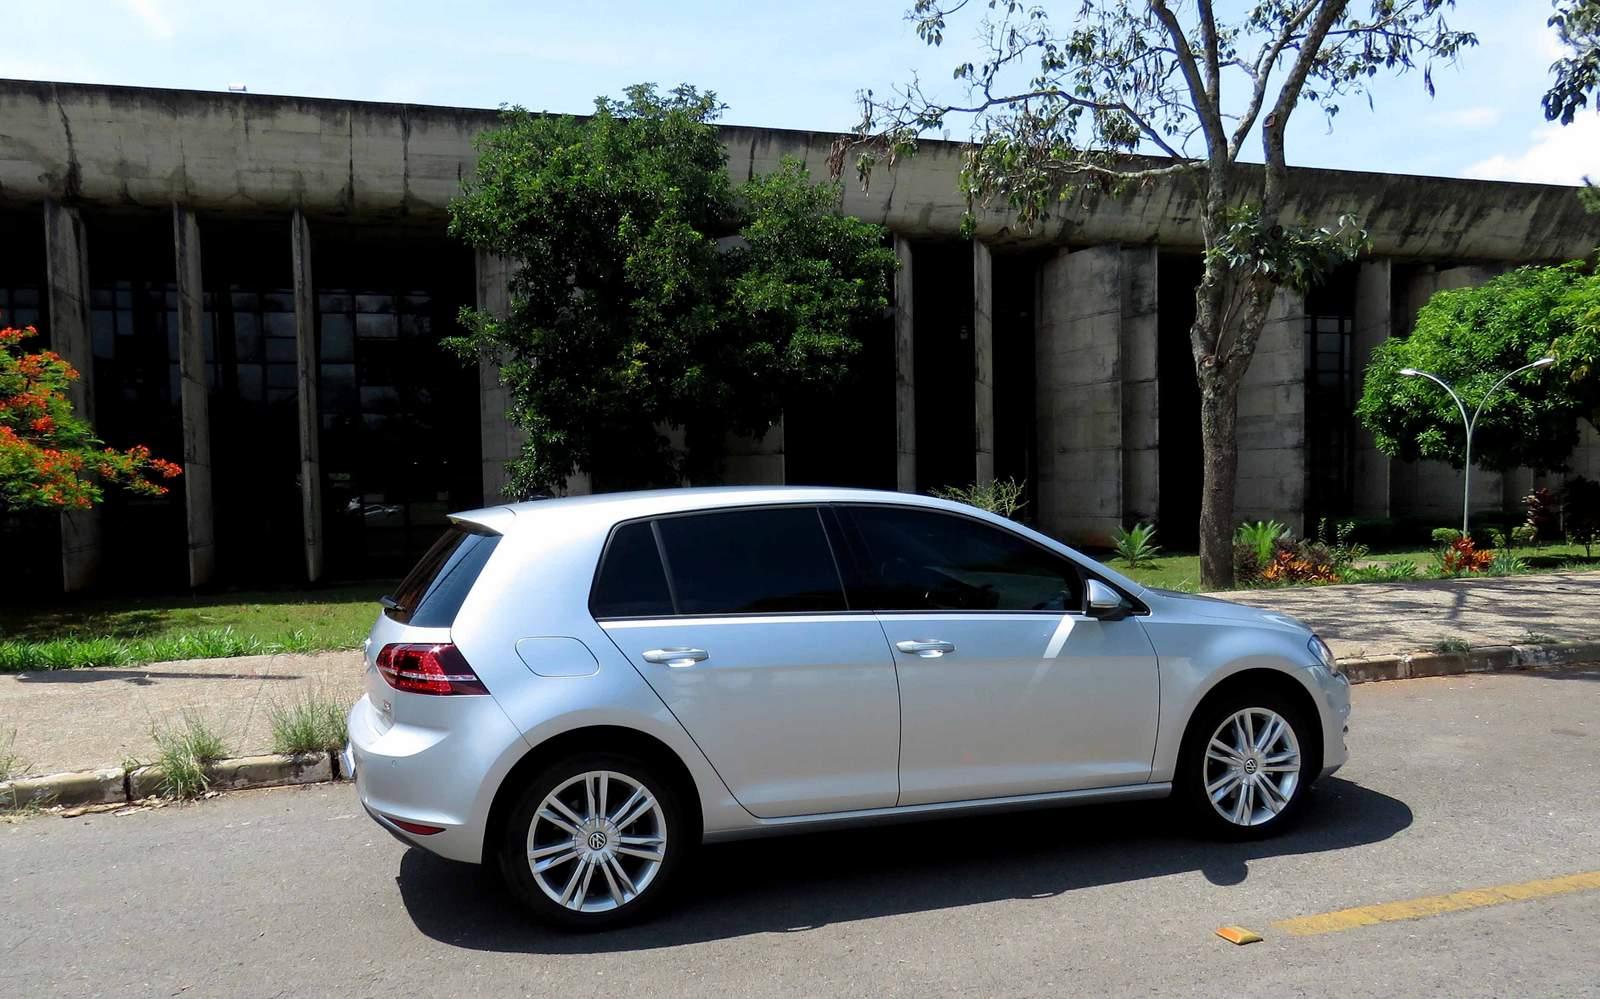 VW Golf - hatch médio mais vendido - dezembro de 2015